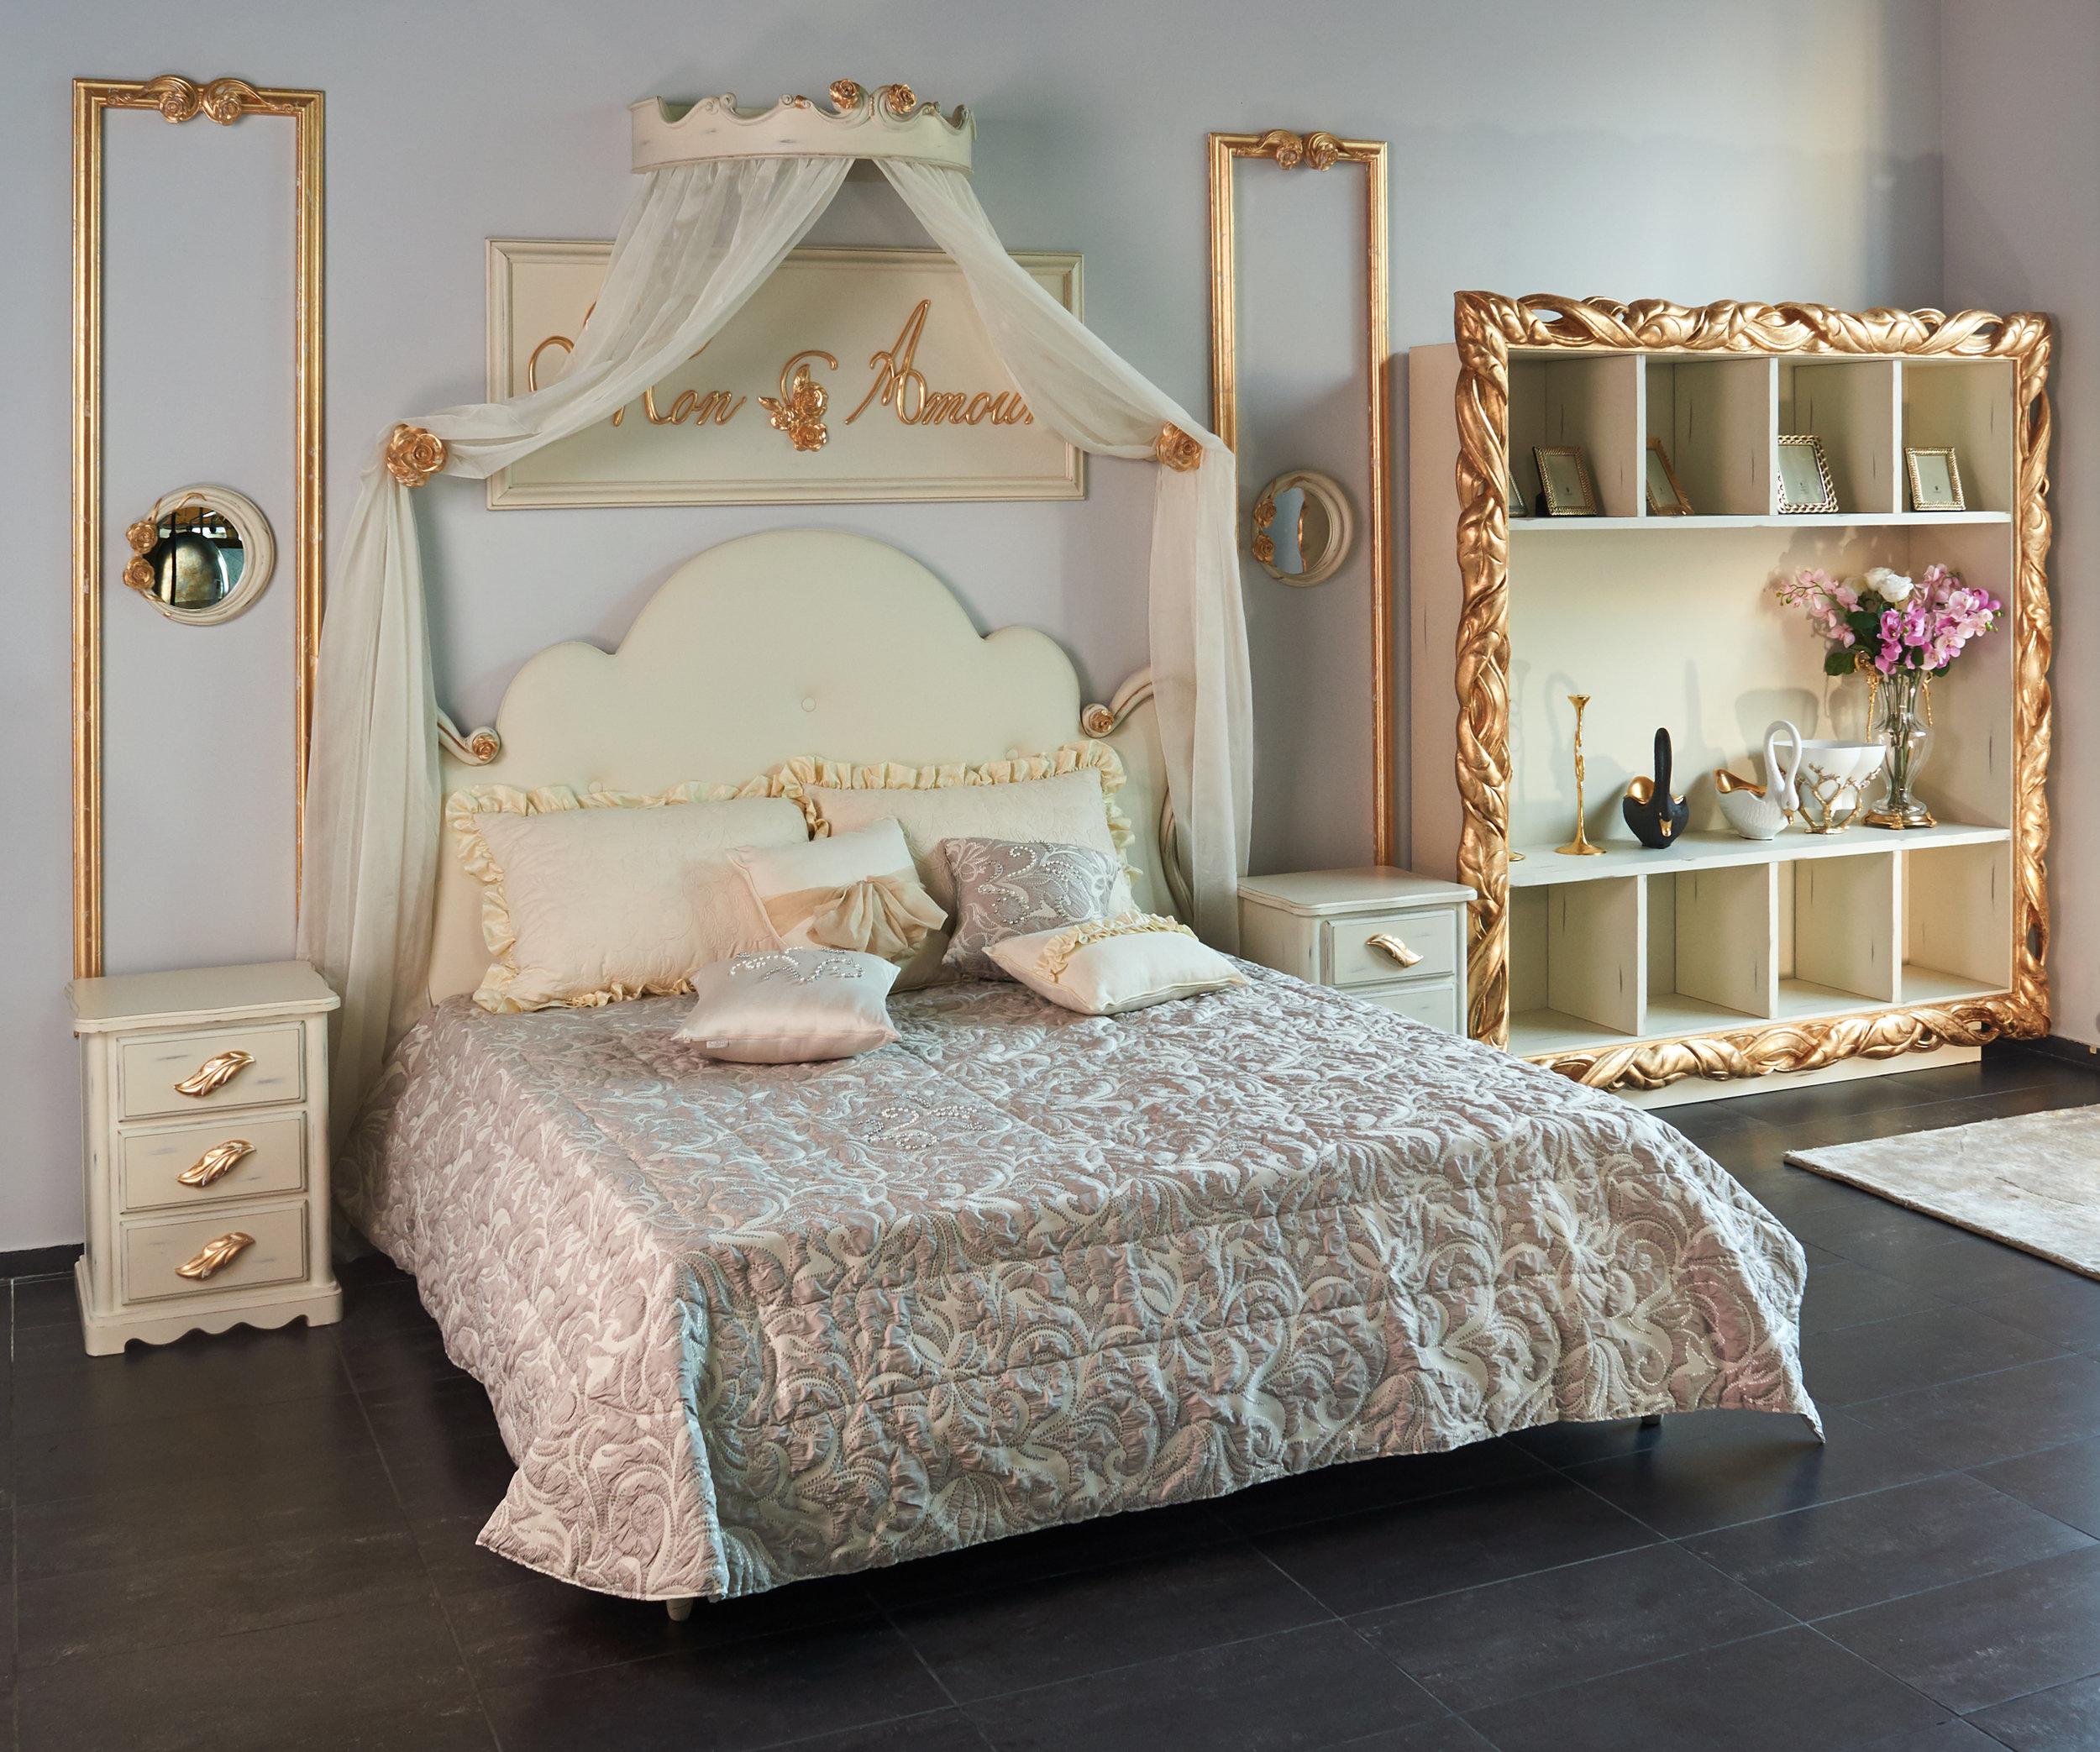 Кровать в комплекте с балдахином Bitossi  Mon Amour..jpg